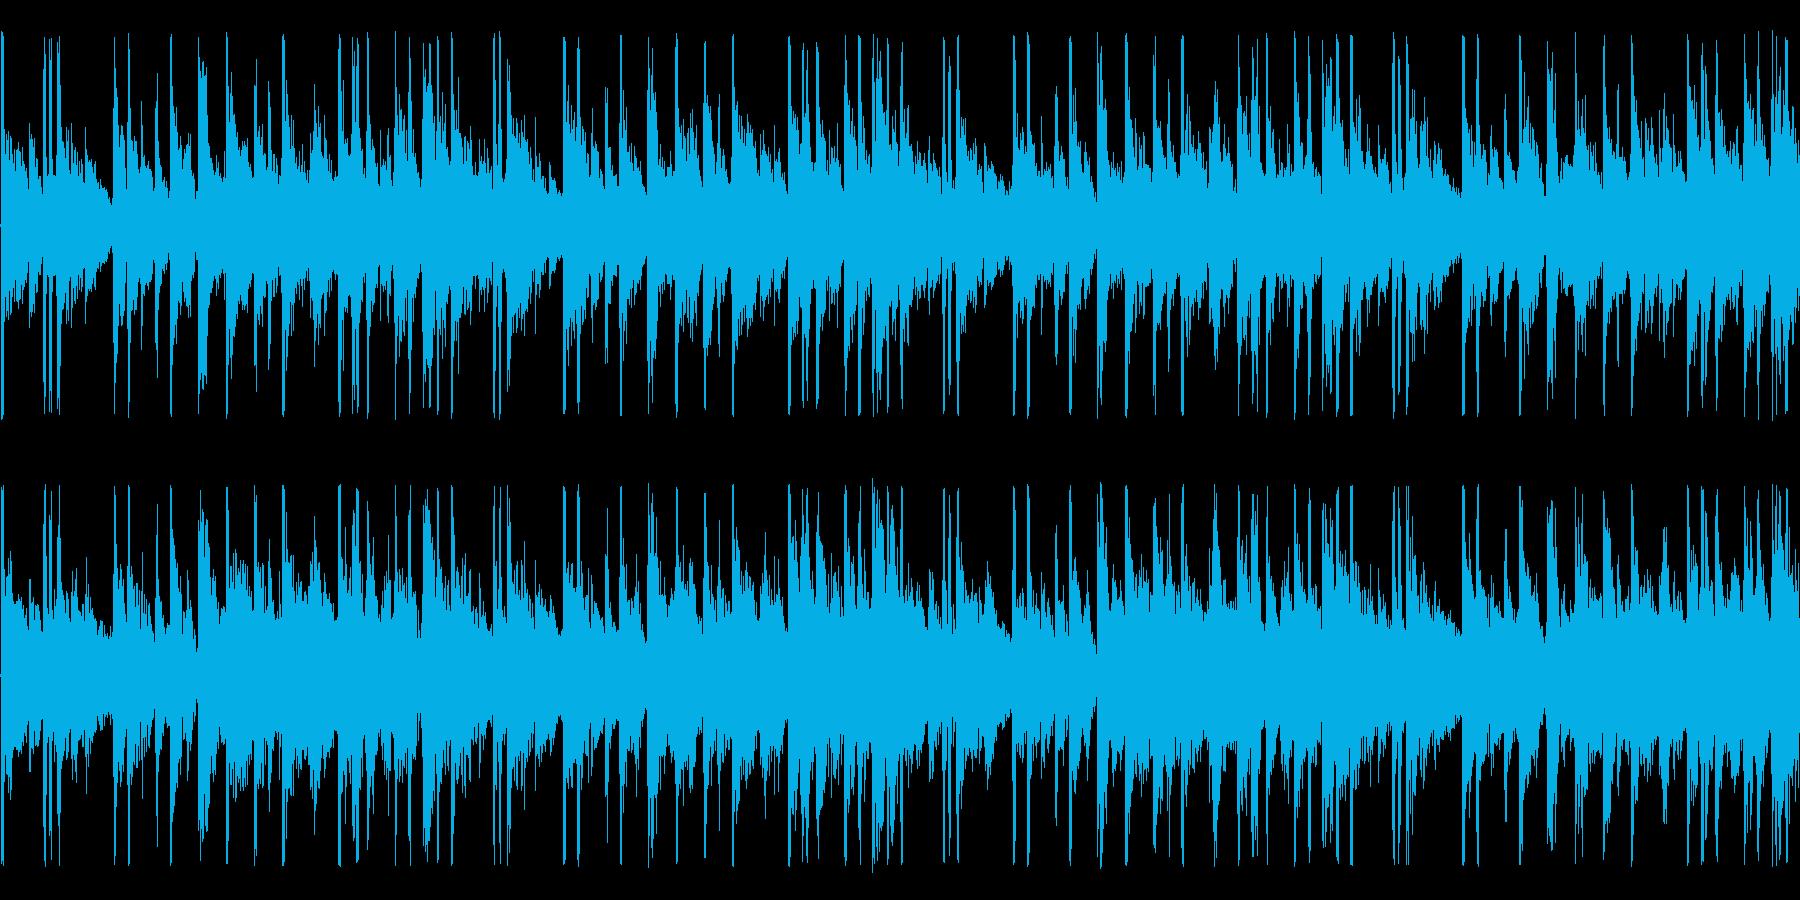 オーケストラ系Hip-Hop/Loopの再生済みの波形